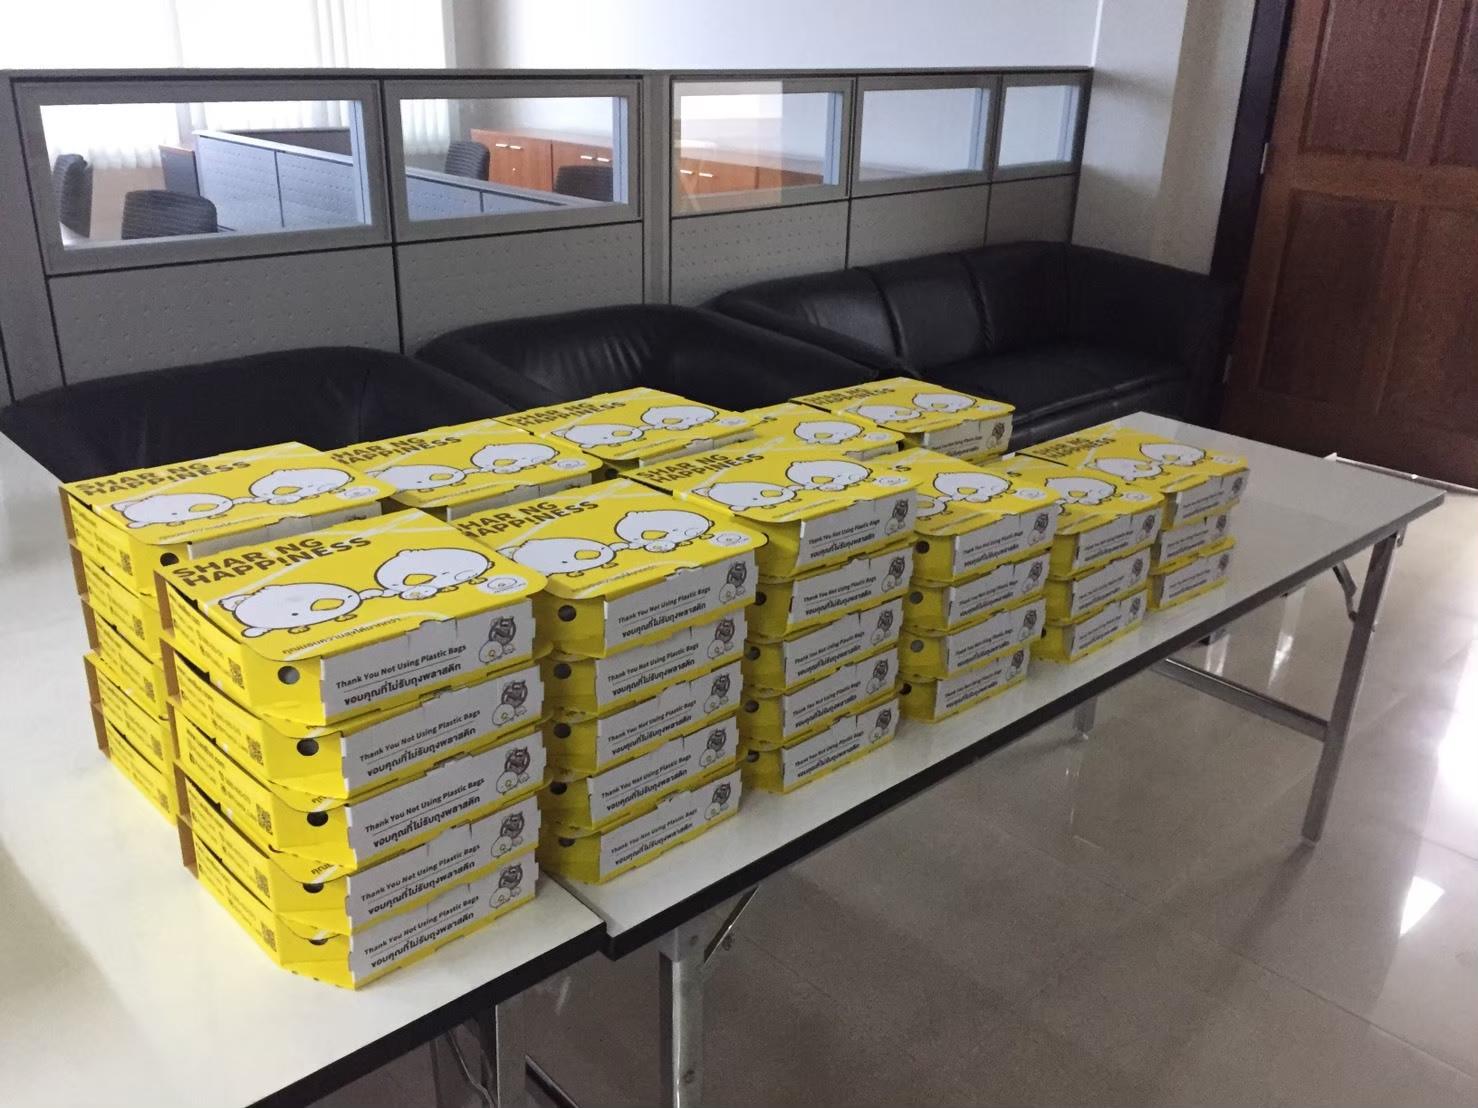 ซาลาเปา snack box, snack box ซาลาเปา พัทยา